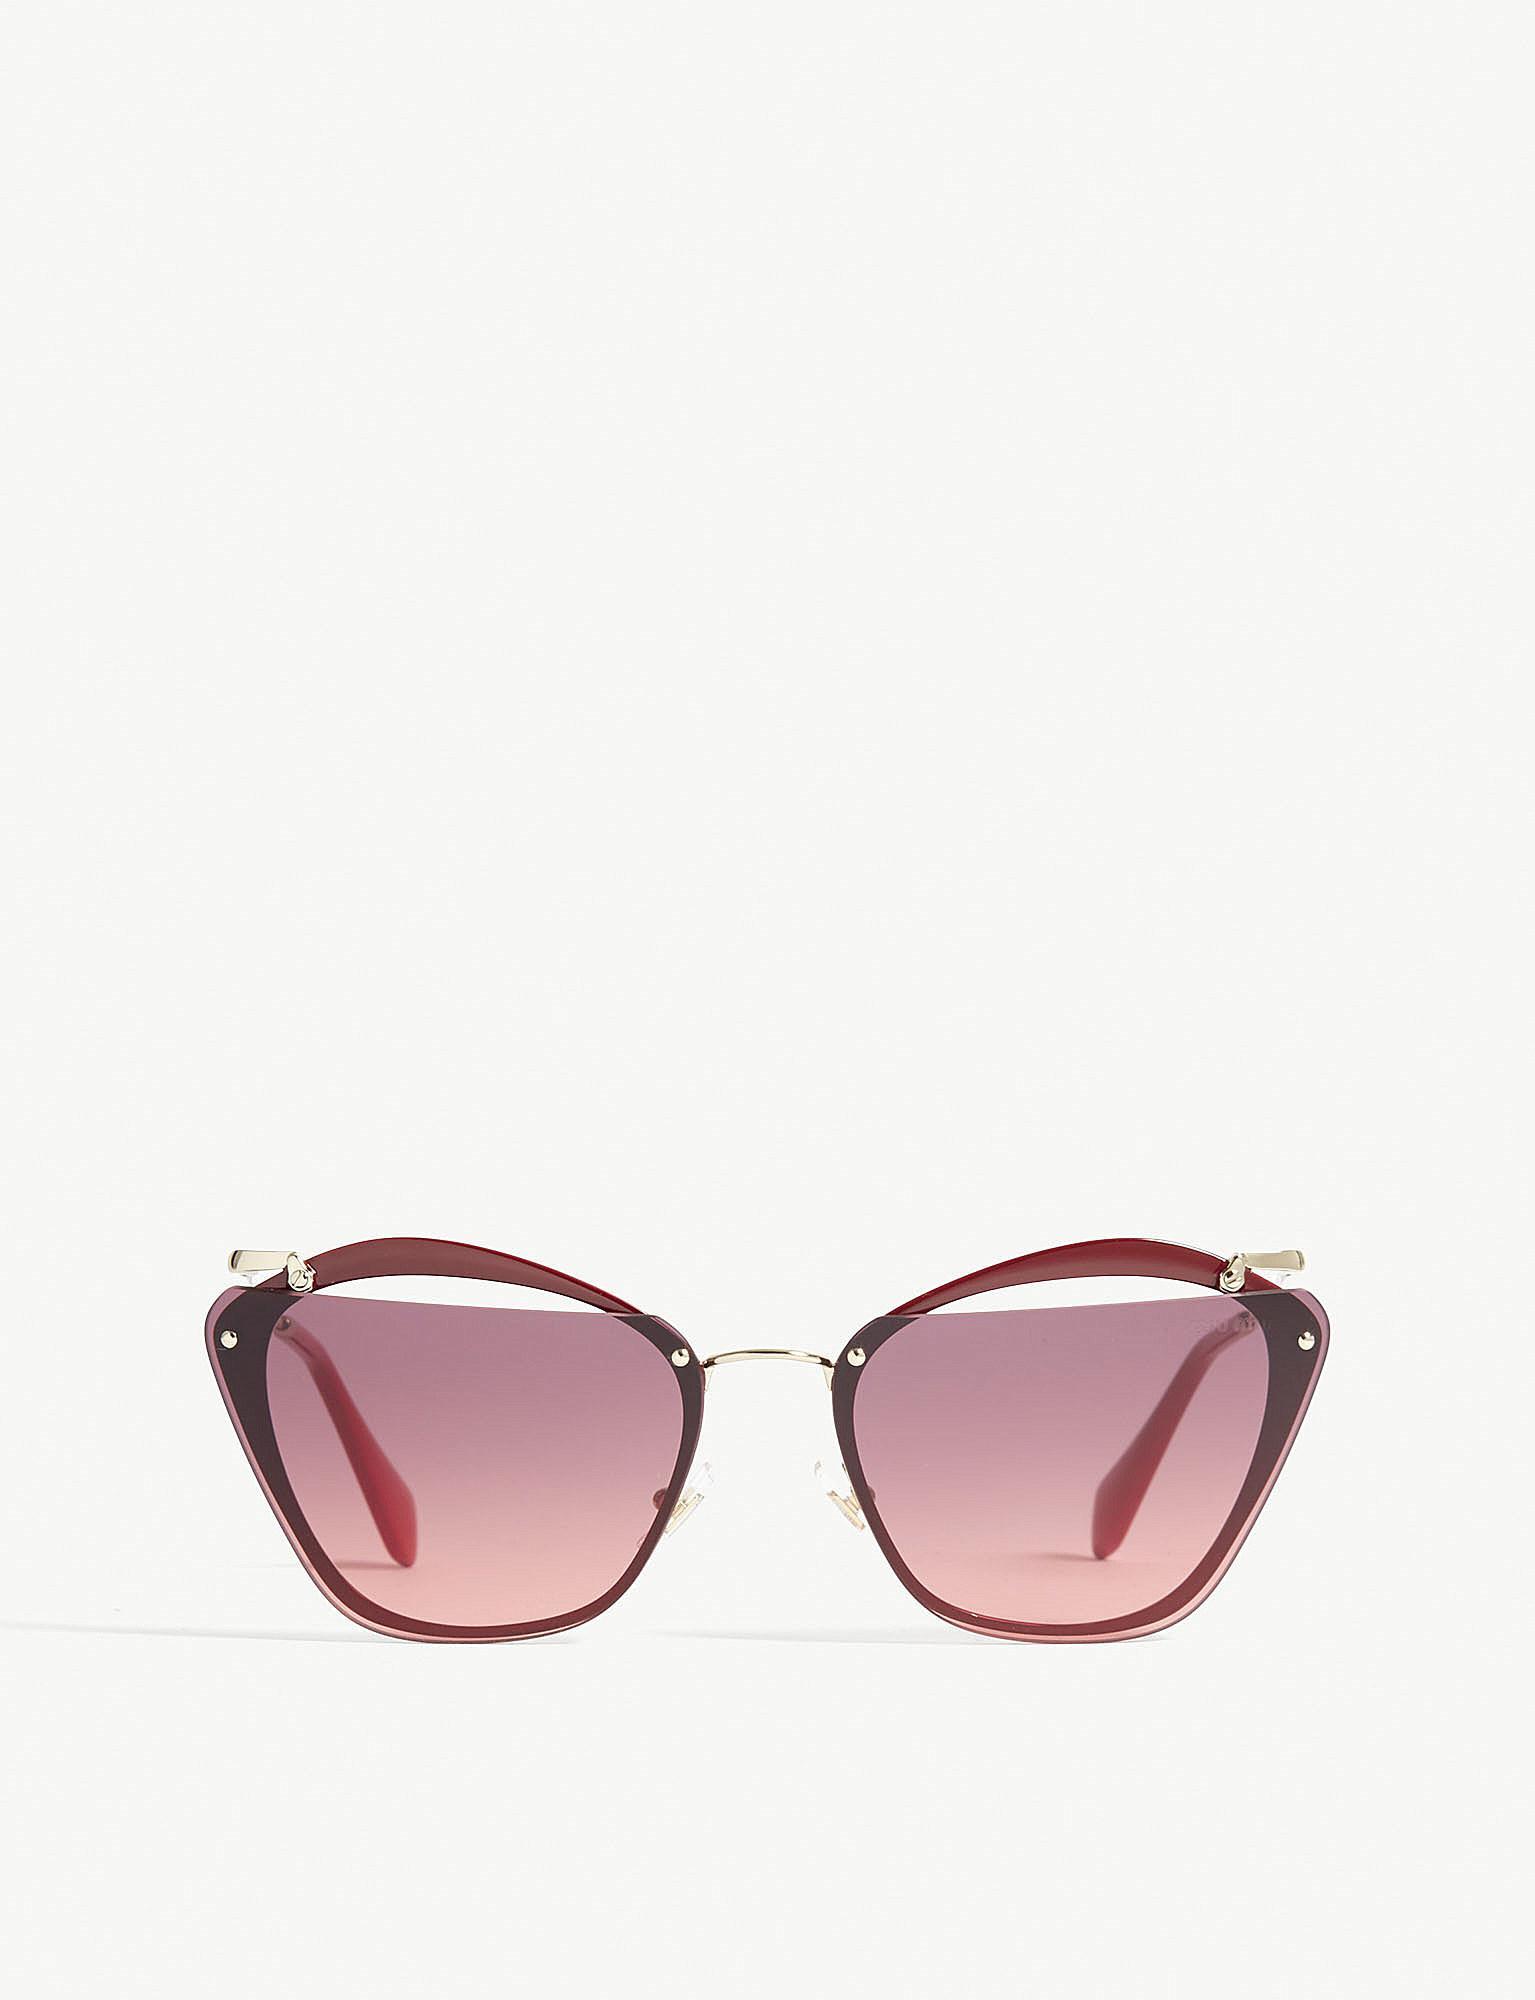 430185b80bab Miu Miu Mu54ts Irregular-frame Sunglasses in Pink - Lyst